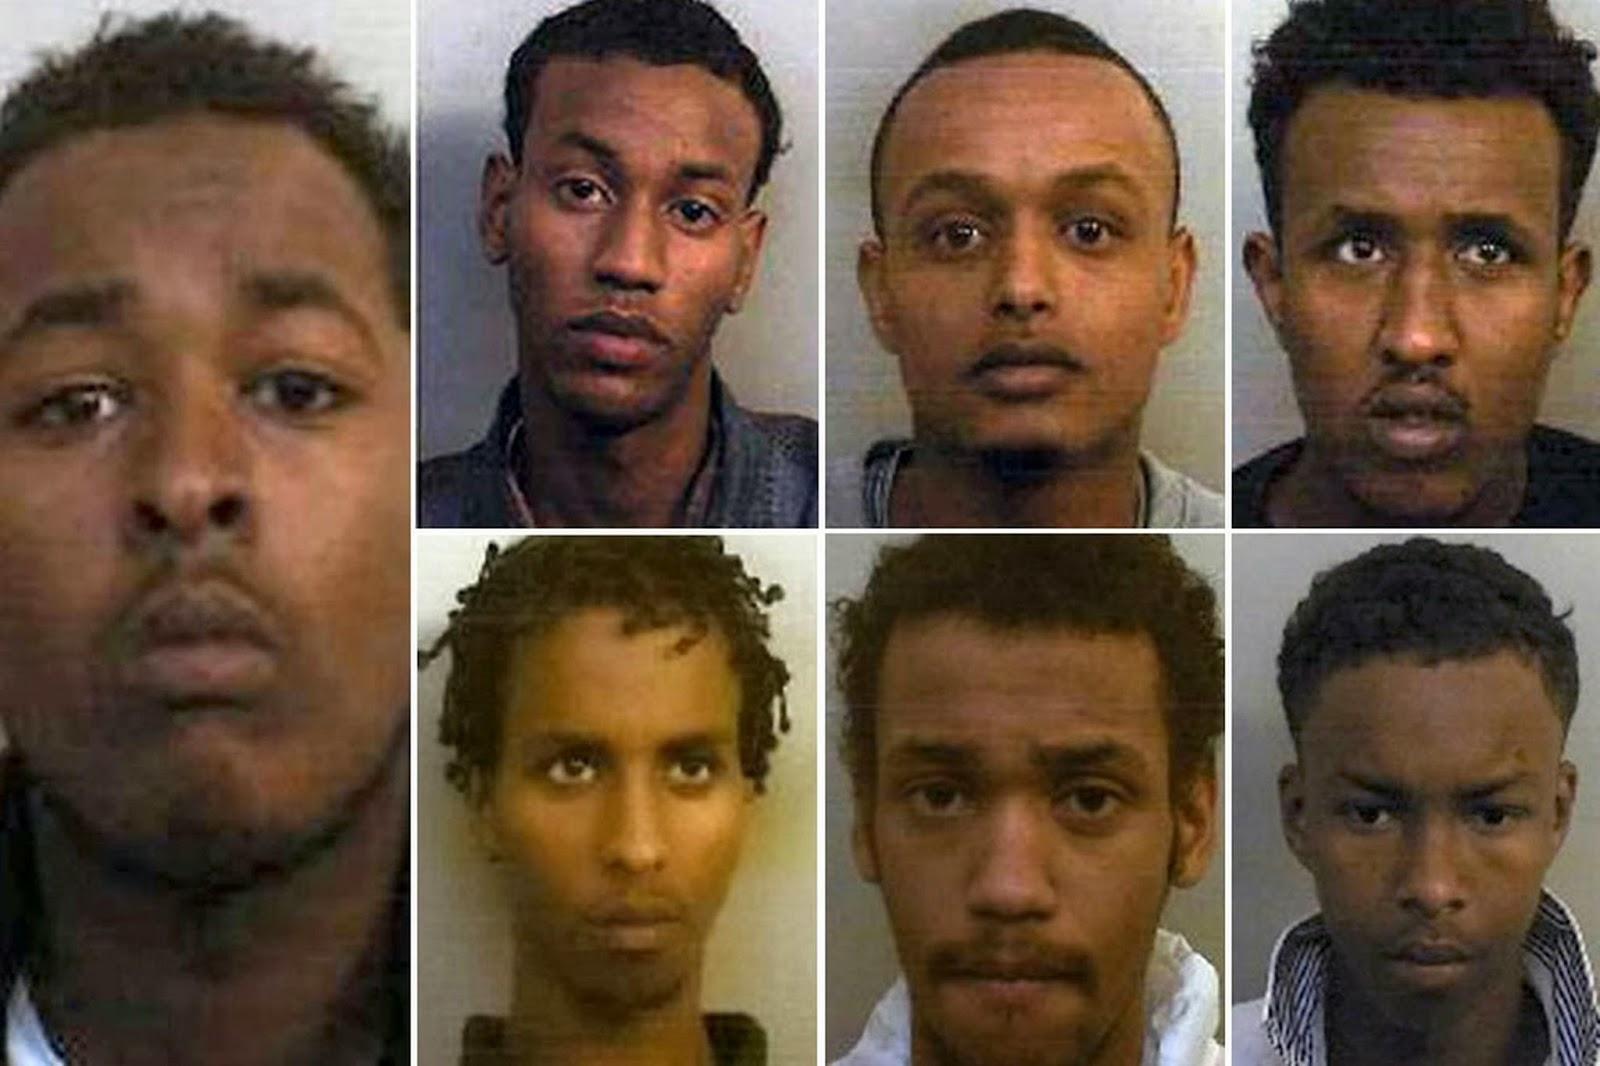 Asian gangs in london that's proper